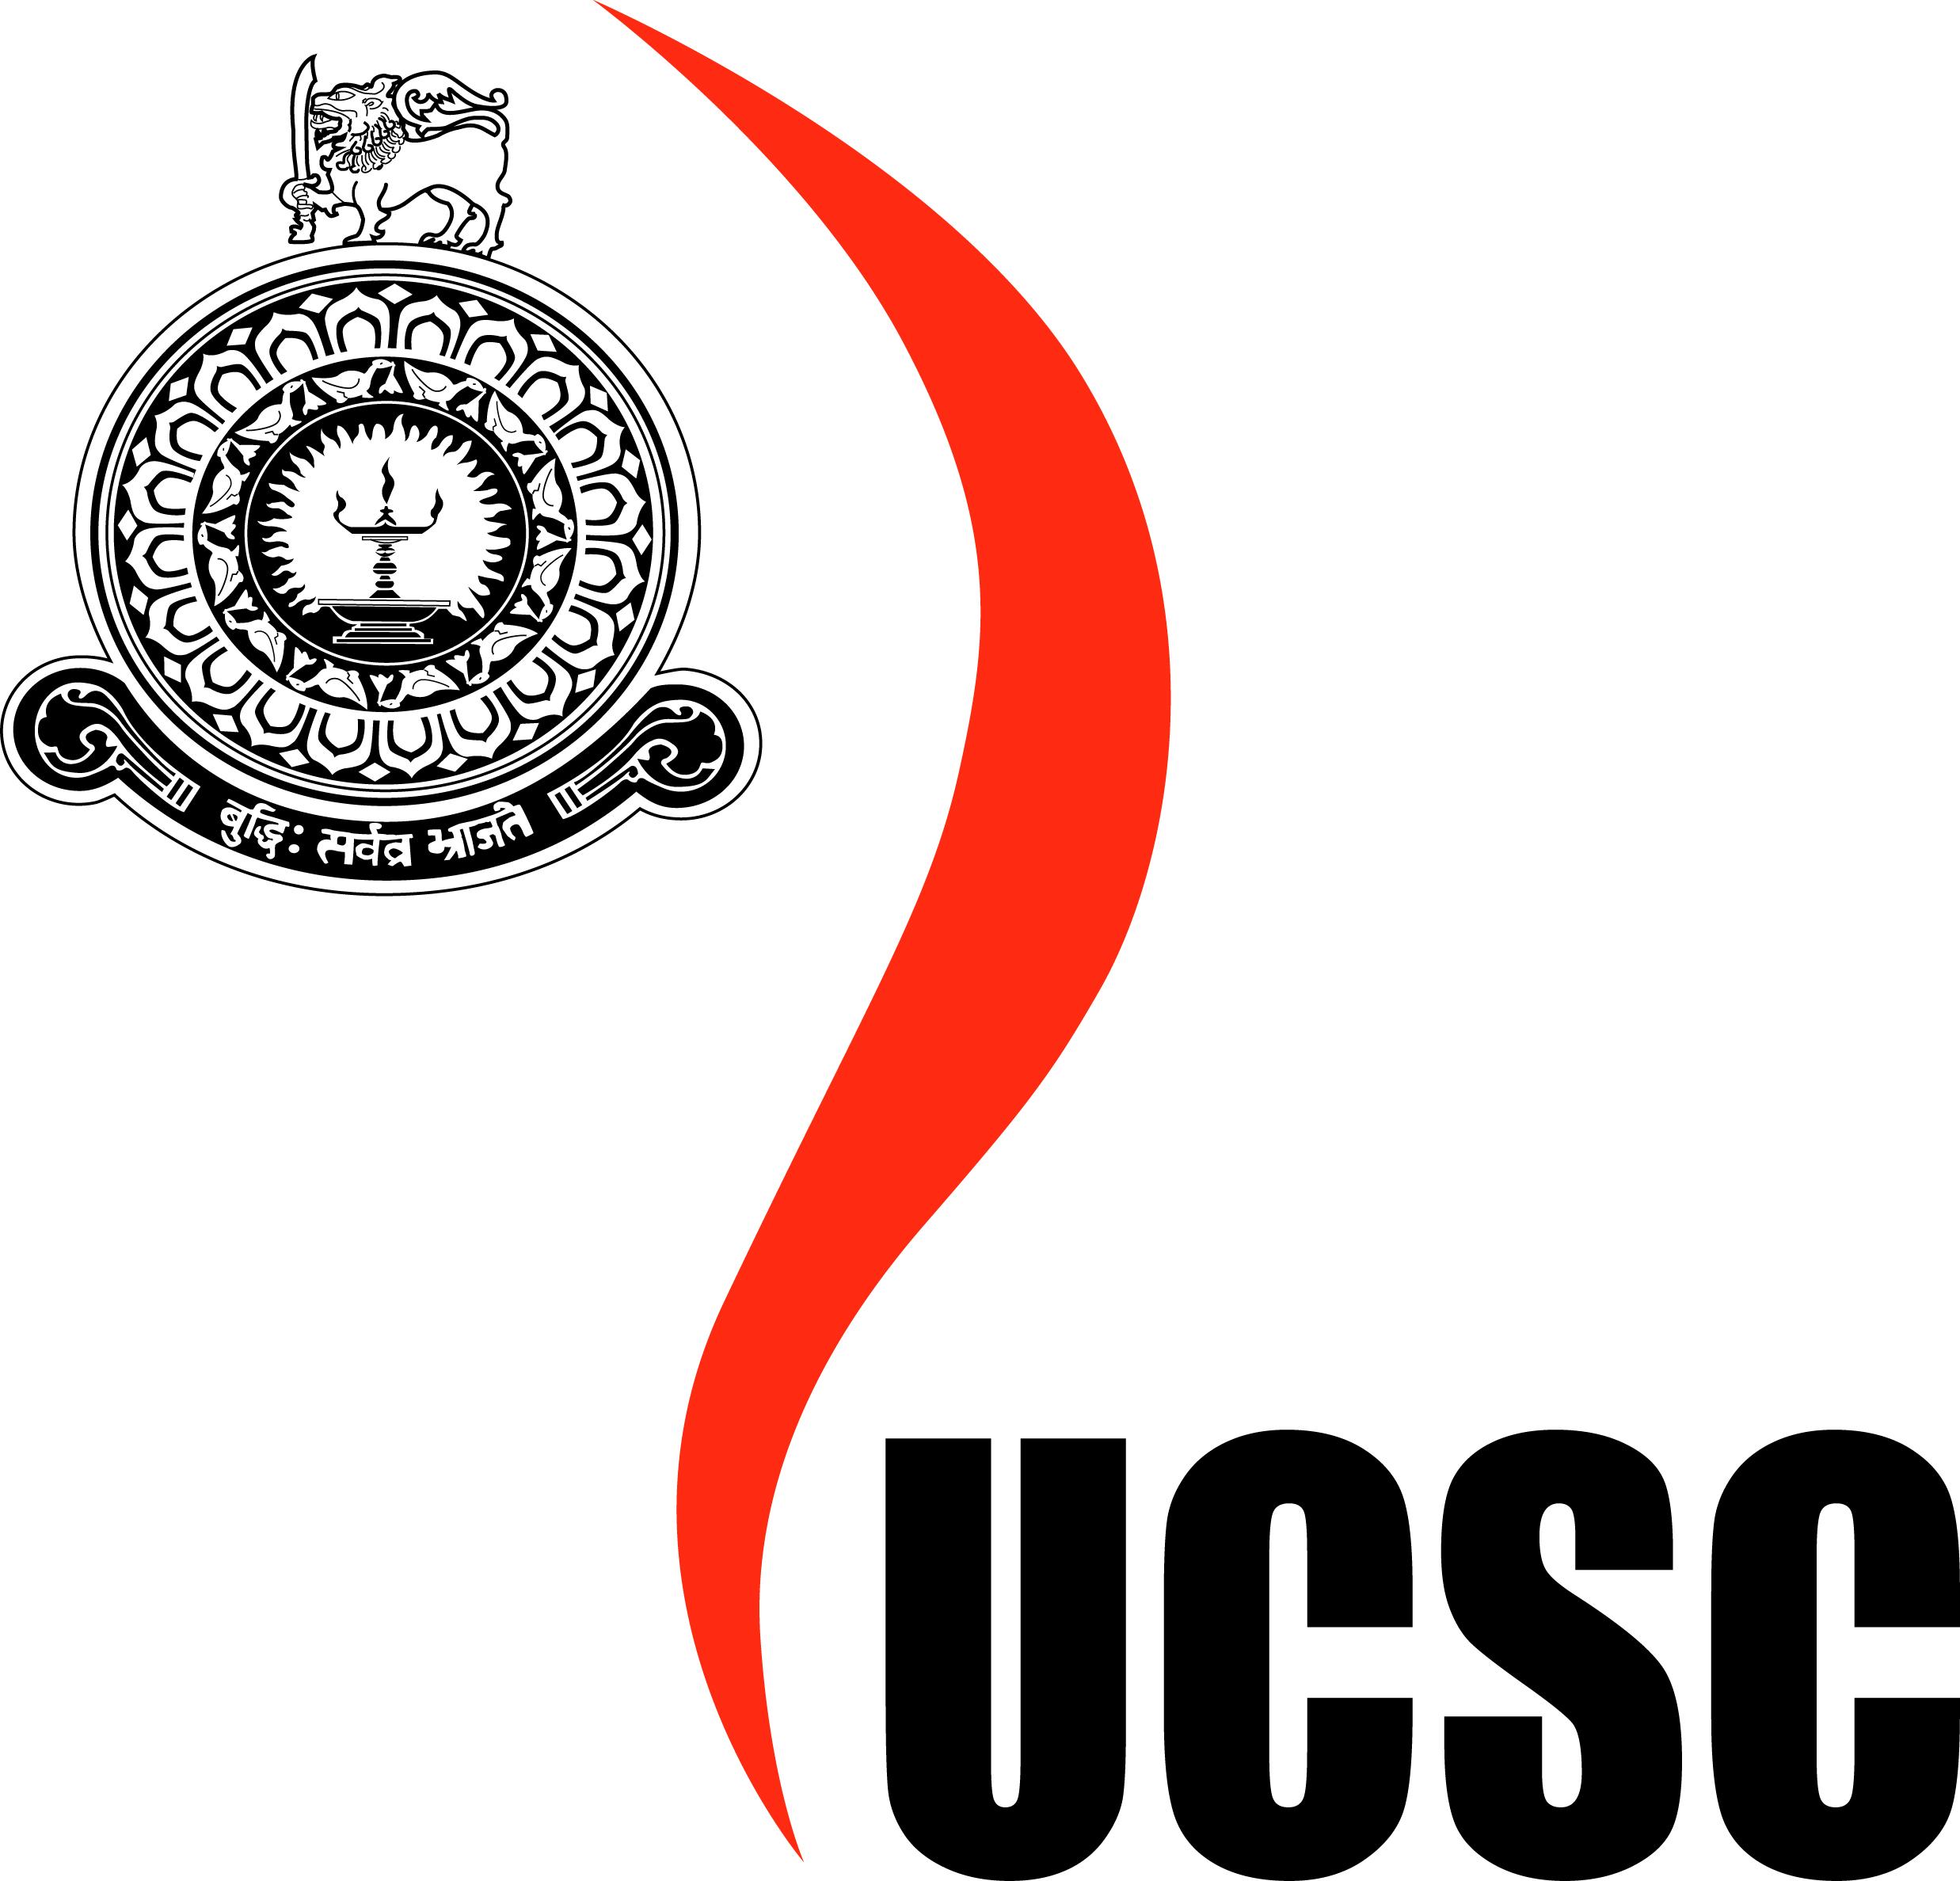 Ucsc Logos